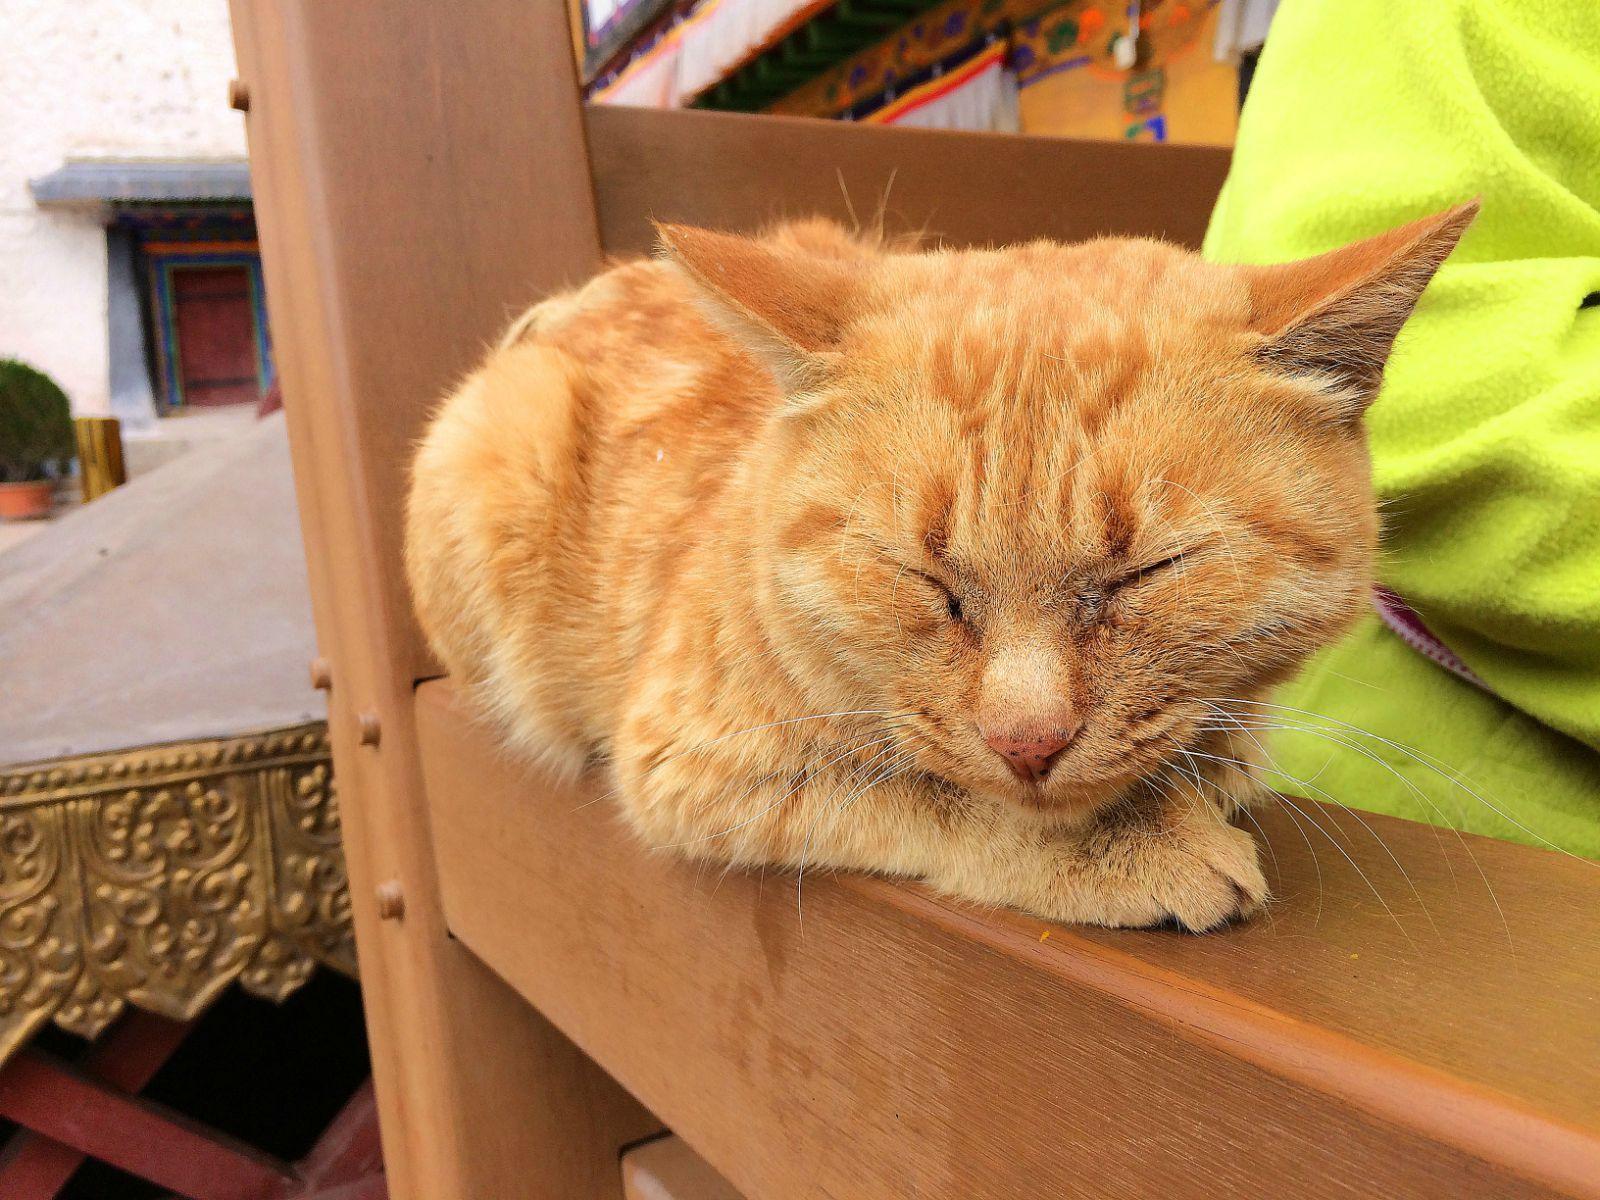 睡懒觉的猫咪图片